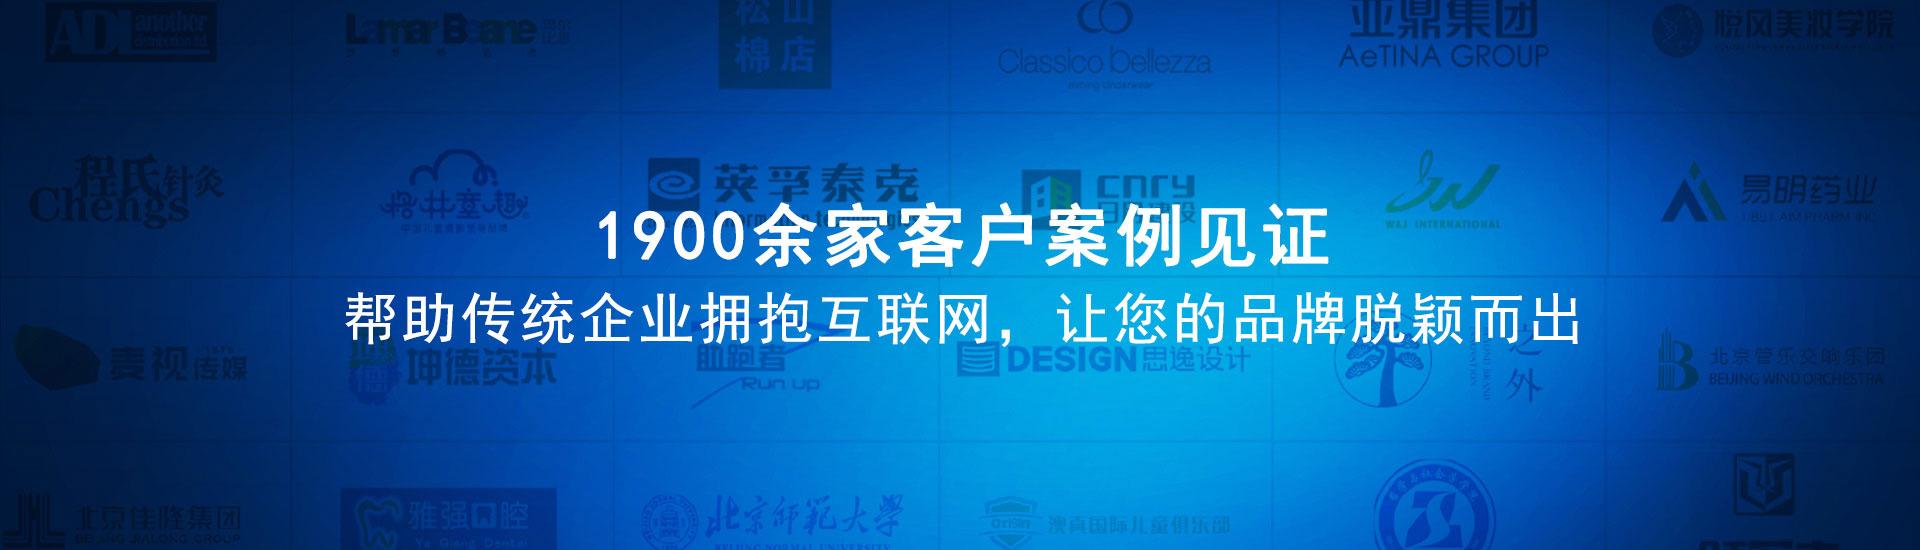 新疆工商注册个人独资的企业变更登记需要提交的材料